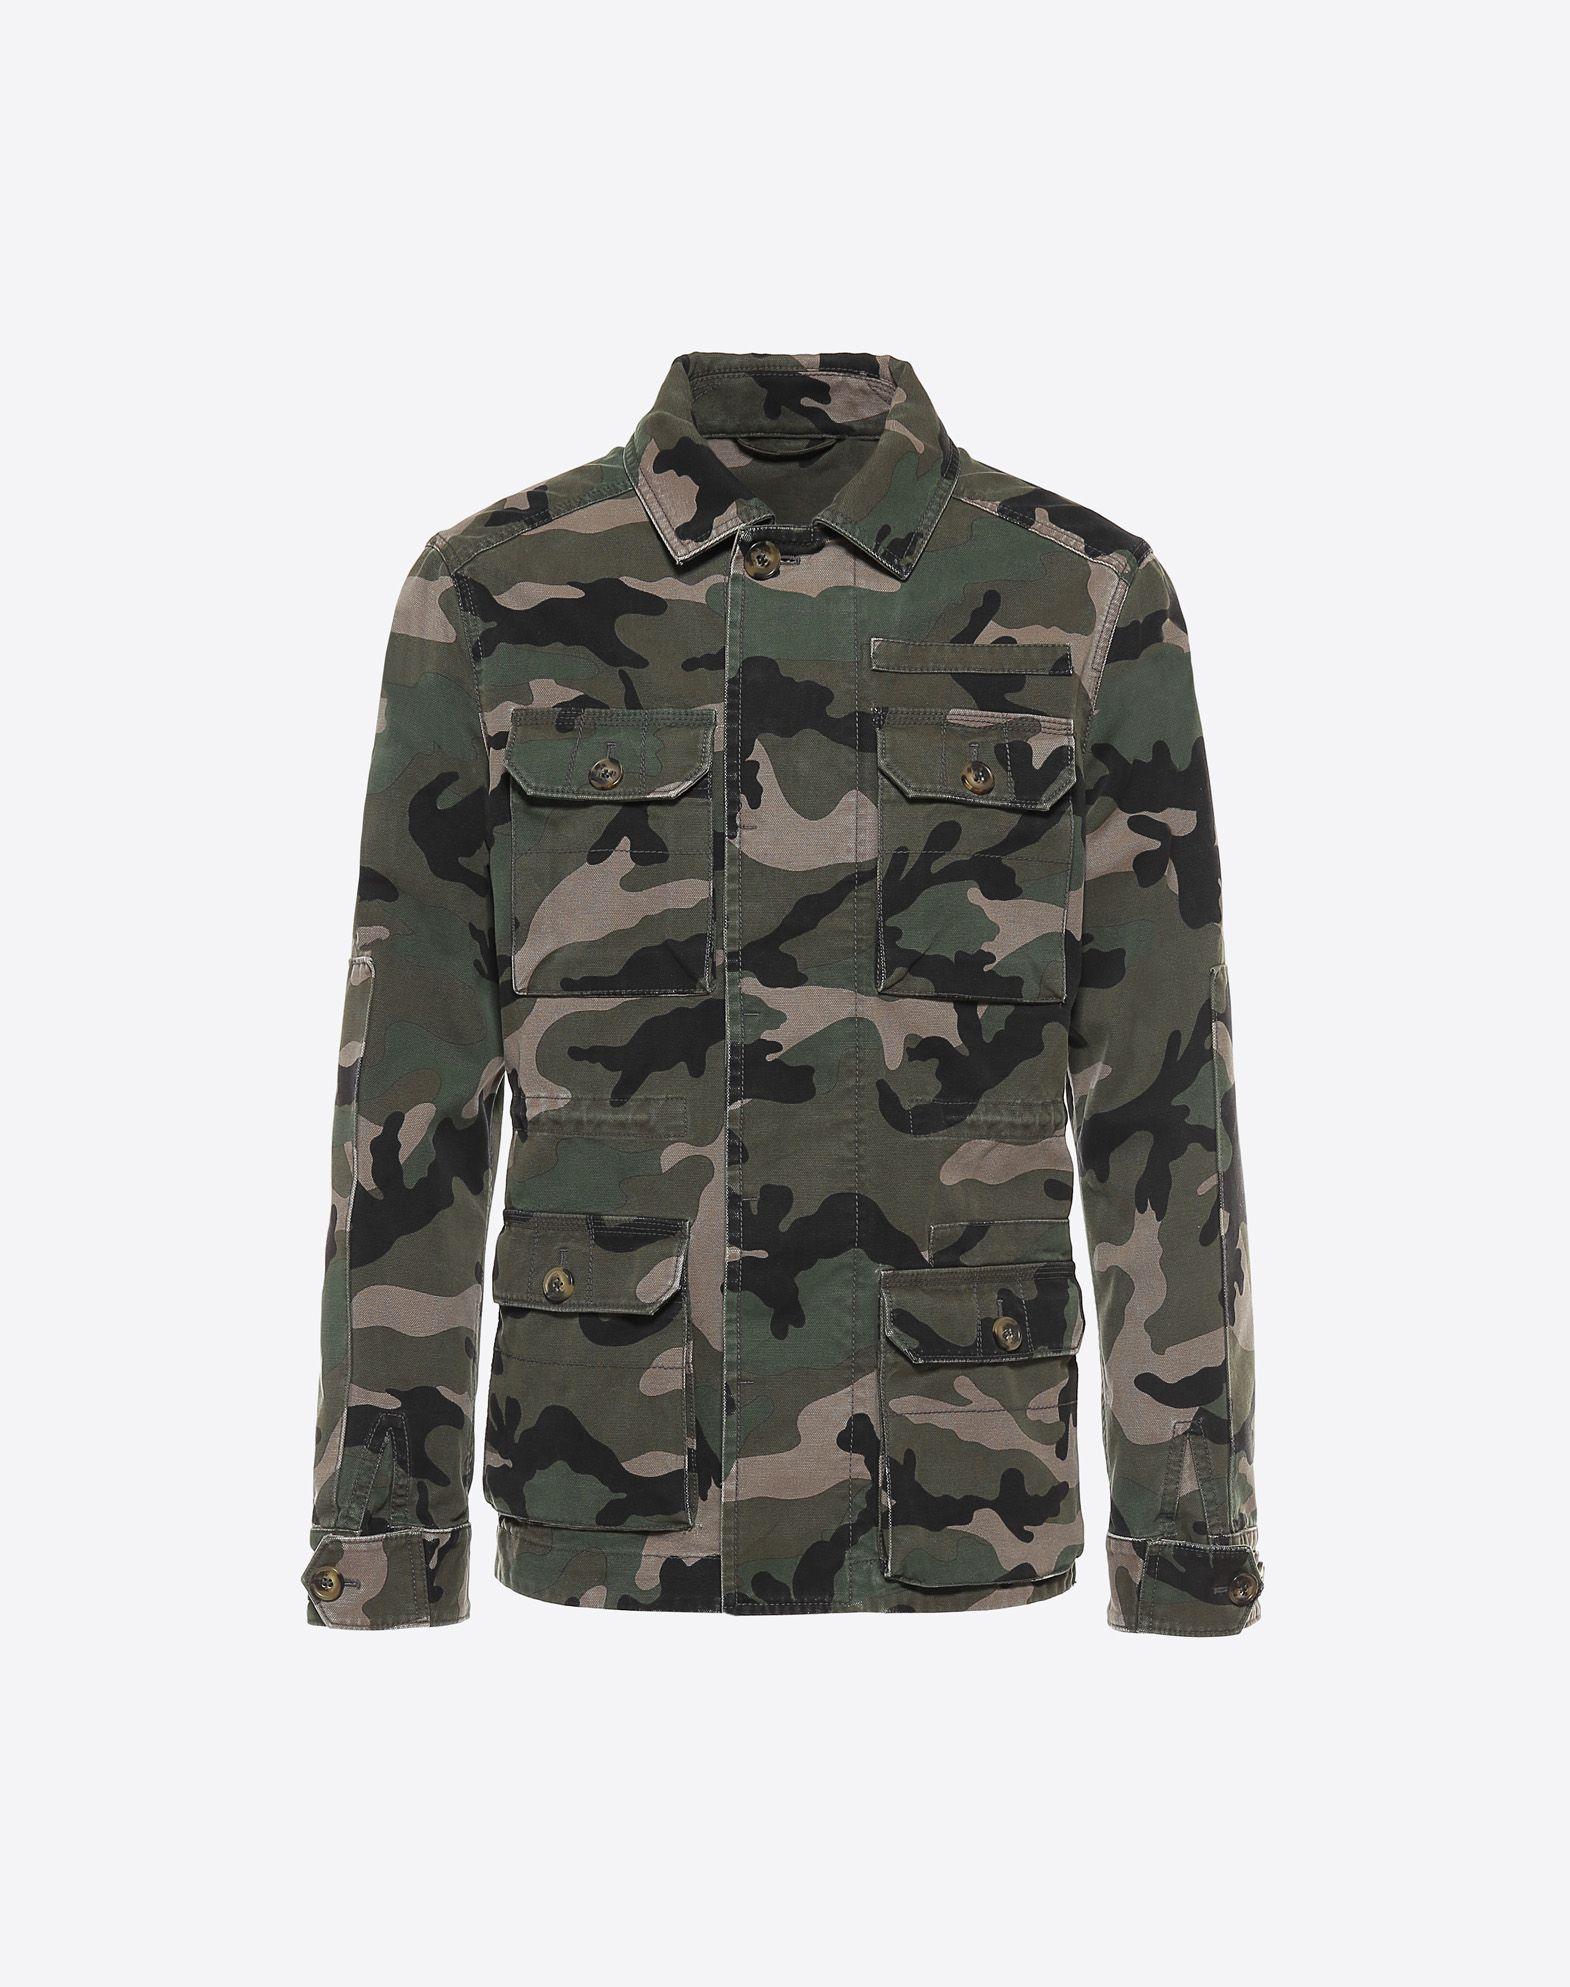 VALENTINO Lona Estampado militar Estampado Cuatro bolsillos Botones ocultos  41690695go